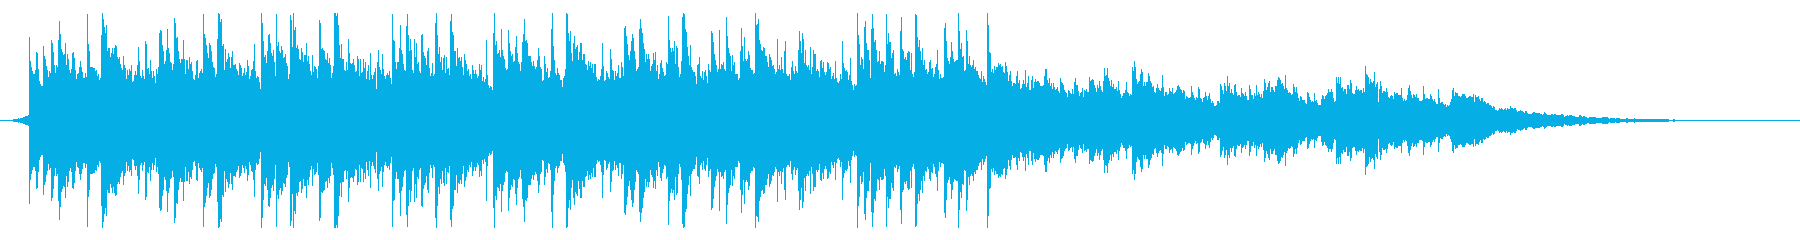 <30秒CM>誠実 感動 エンディングの再生済みの波形